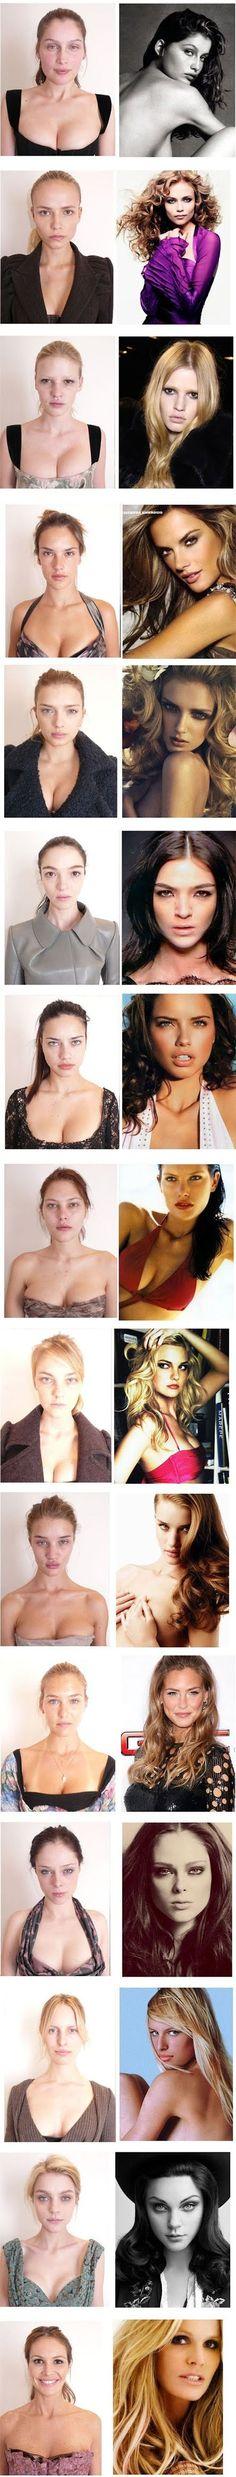 スーパーモデルたちのノーメイクを紹介。自信を持てば、誰でも美しくなれる。